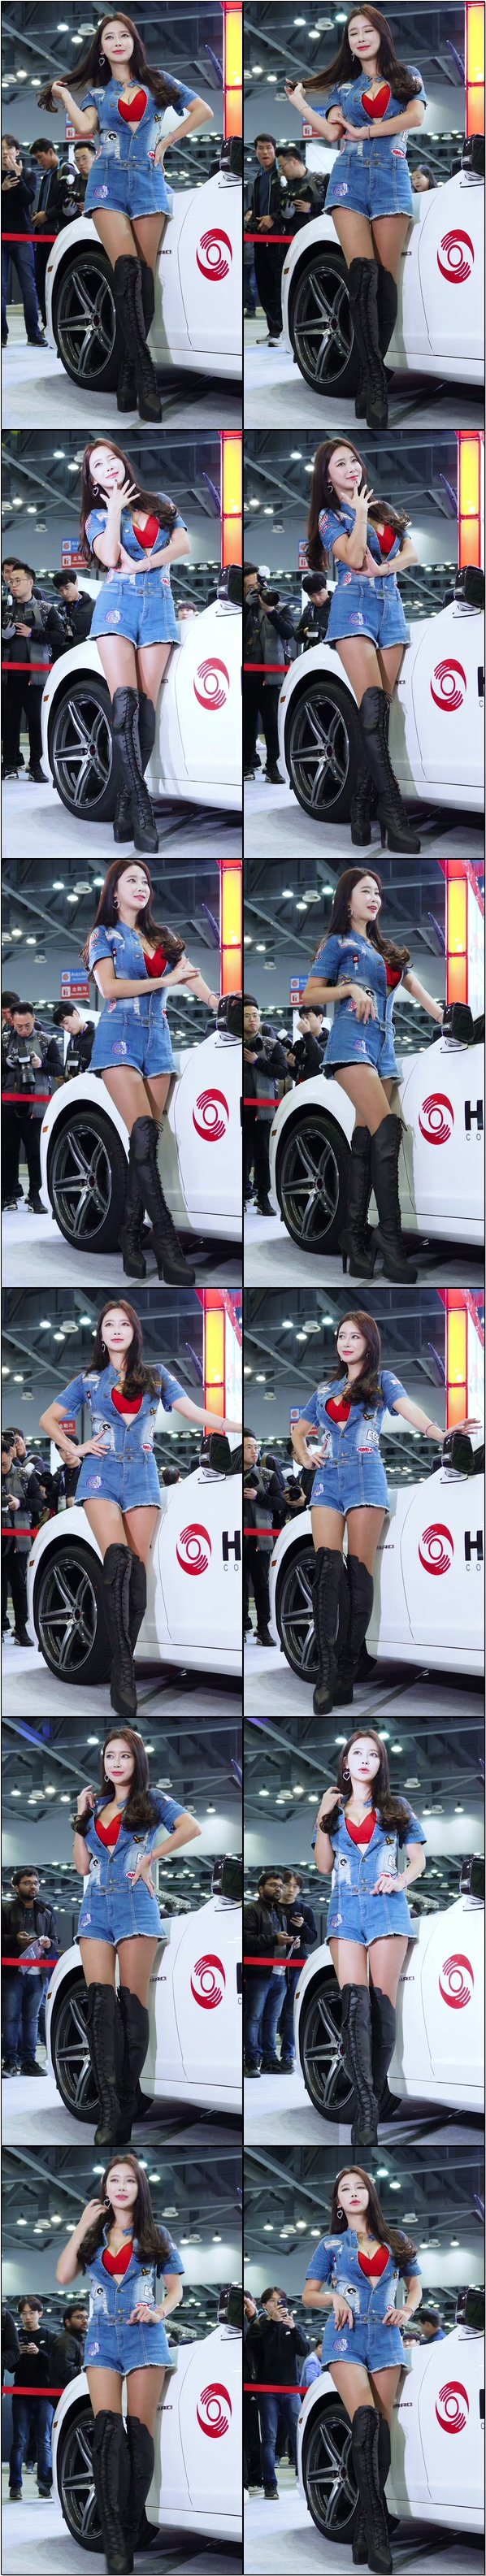 [會展模特] 韓國車展性感模特精選飯拍2020580